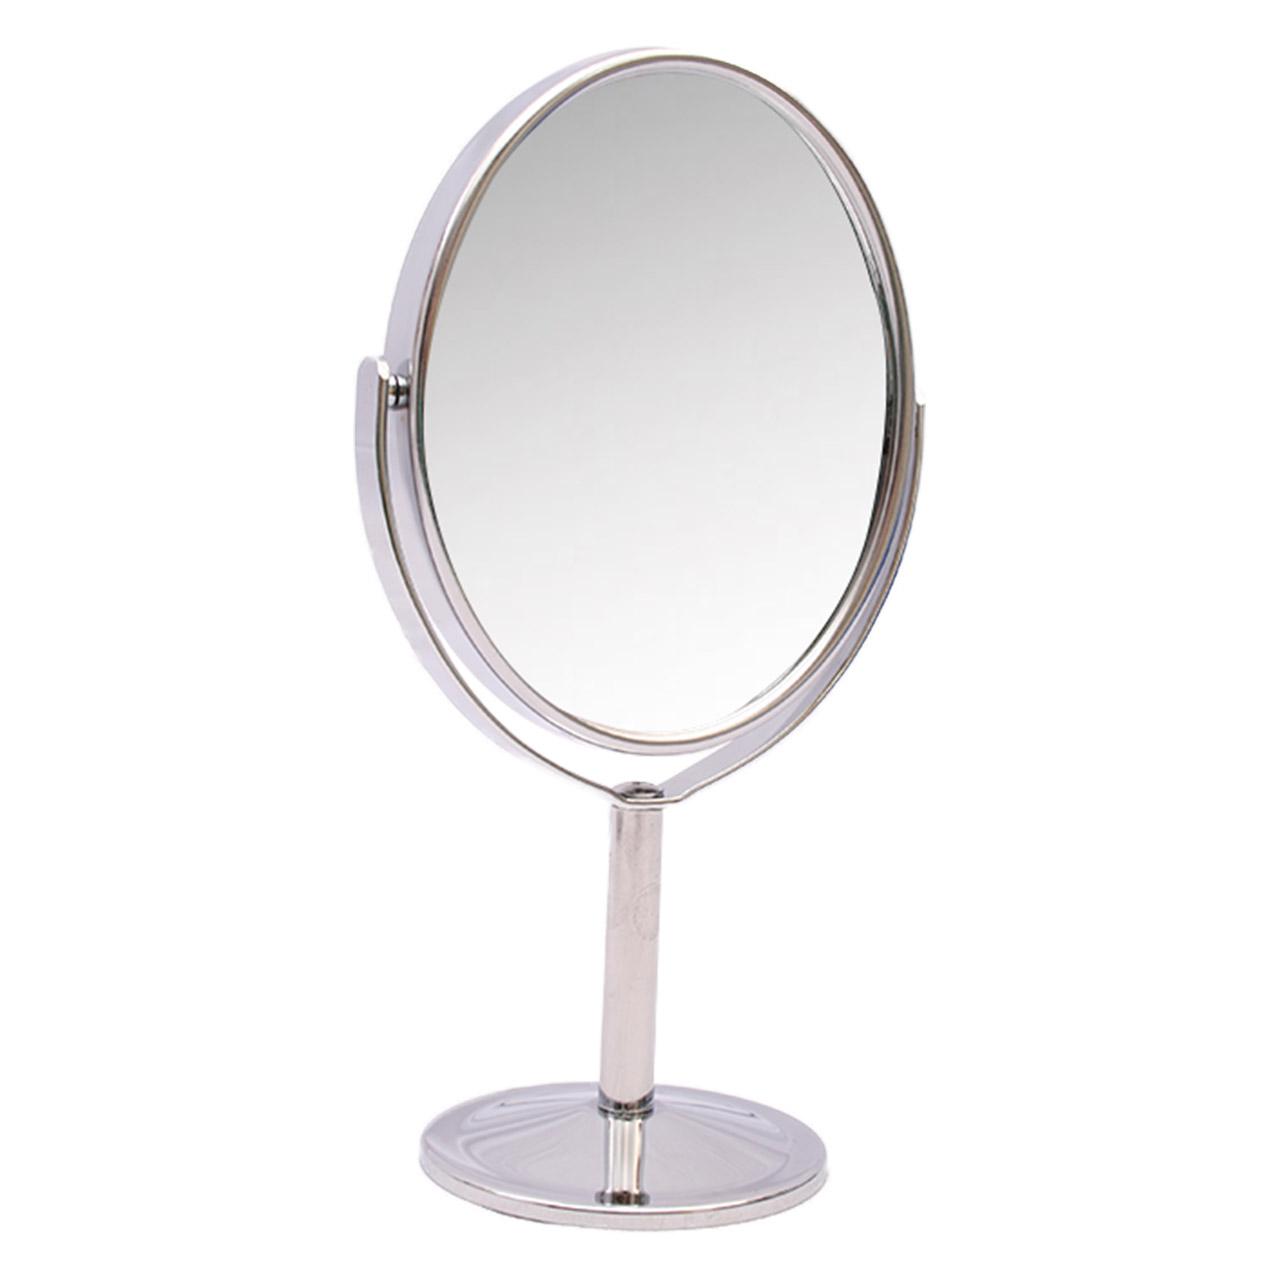 قیمت آینه آرایشی کد 214